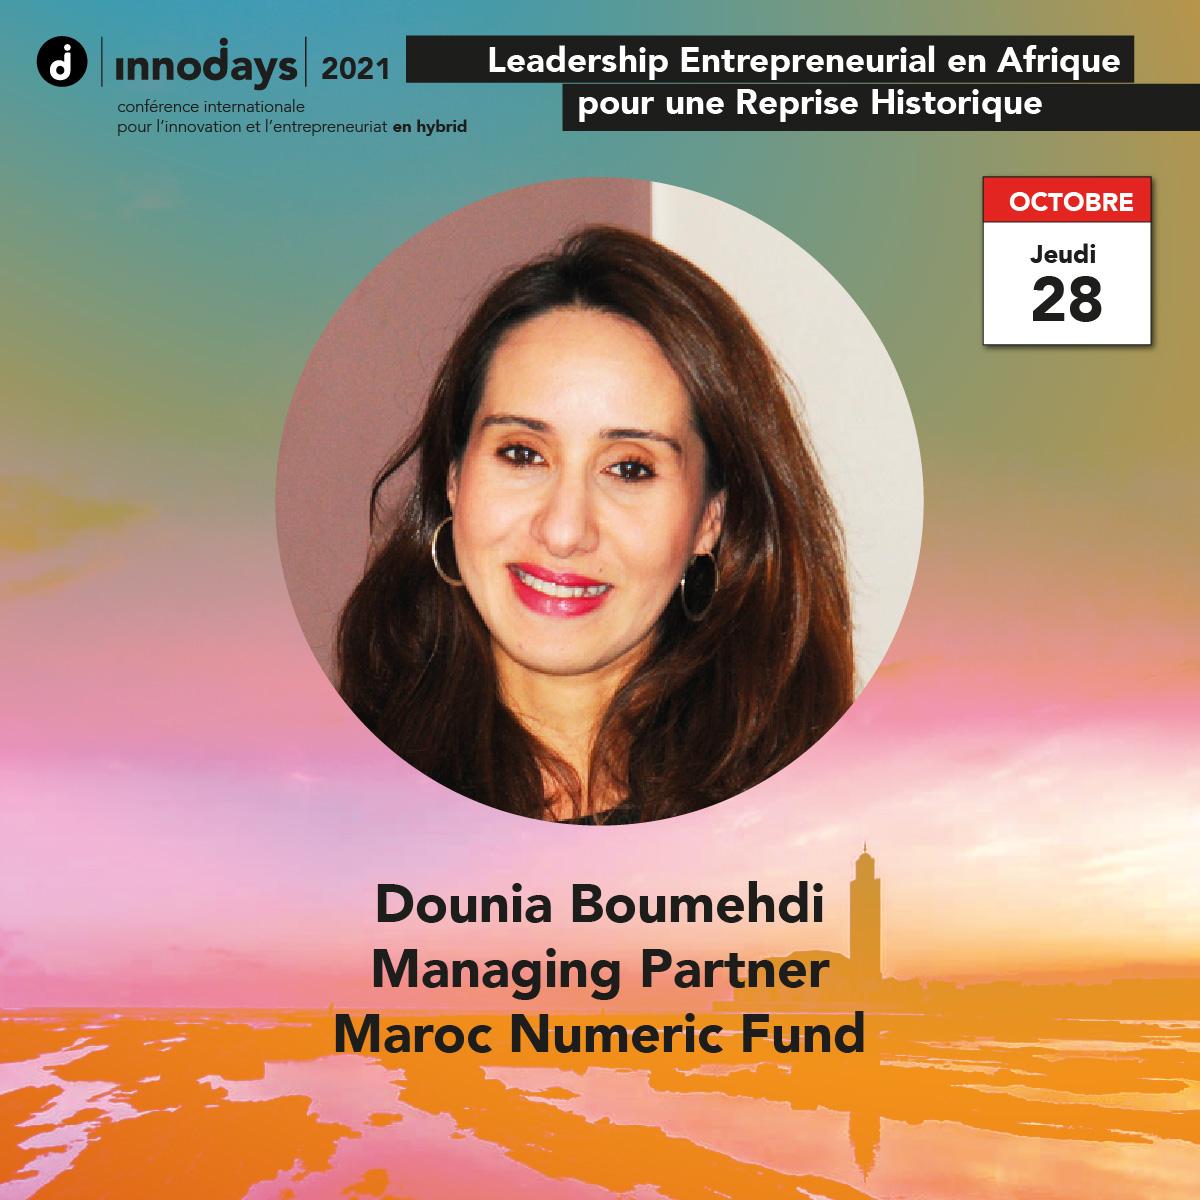 Dounia Boumehdi - Managing Partner - Maroc Numeric Fund